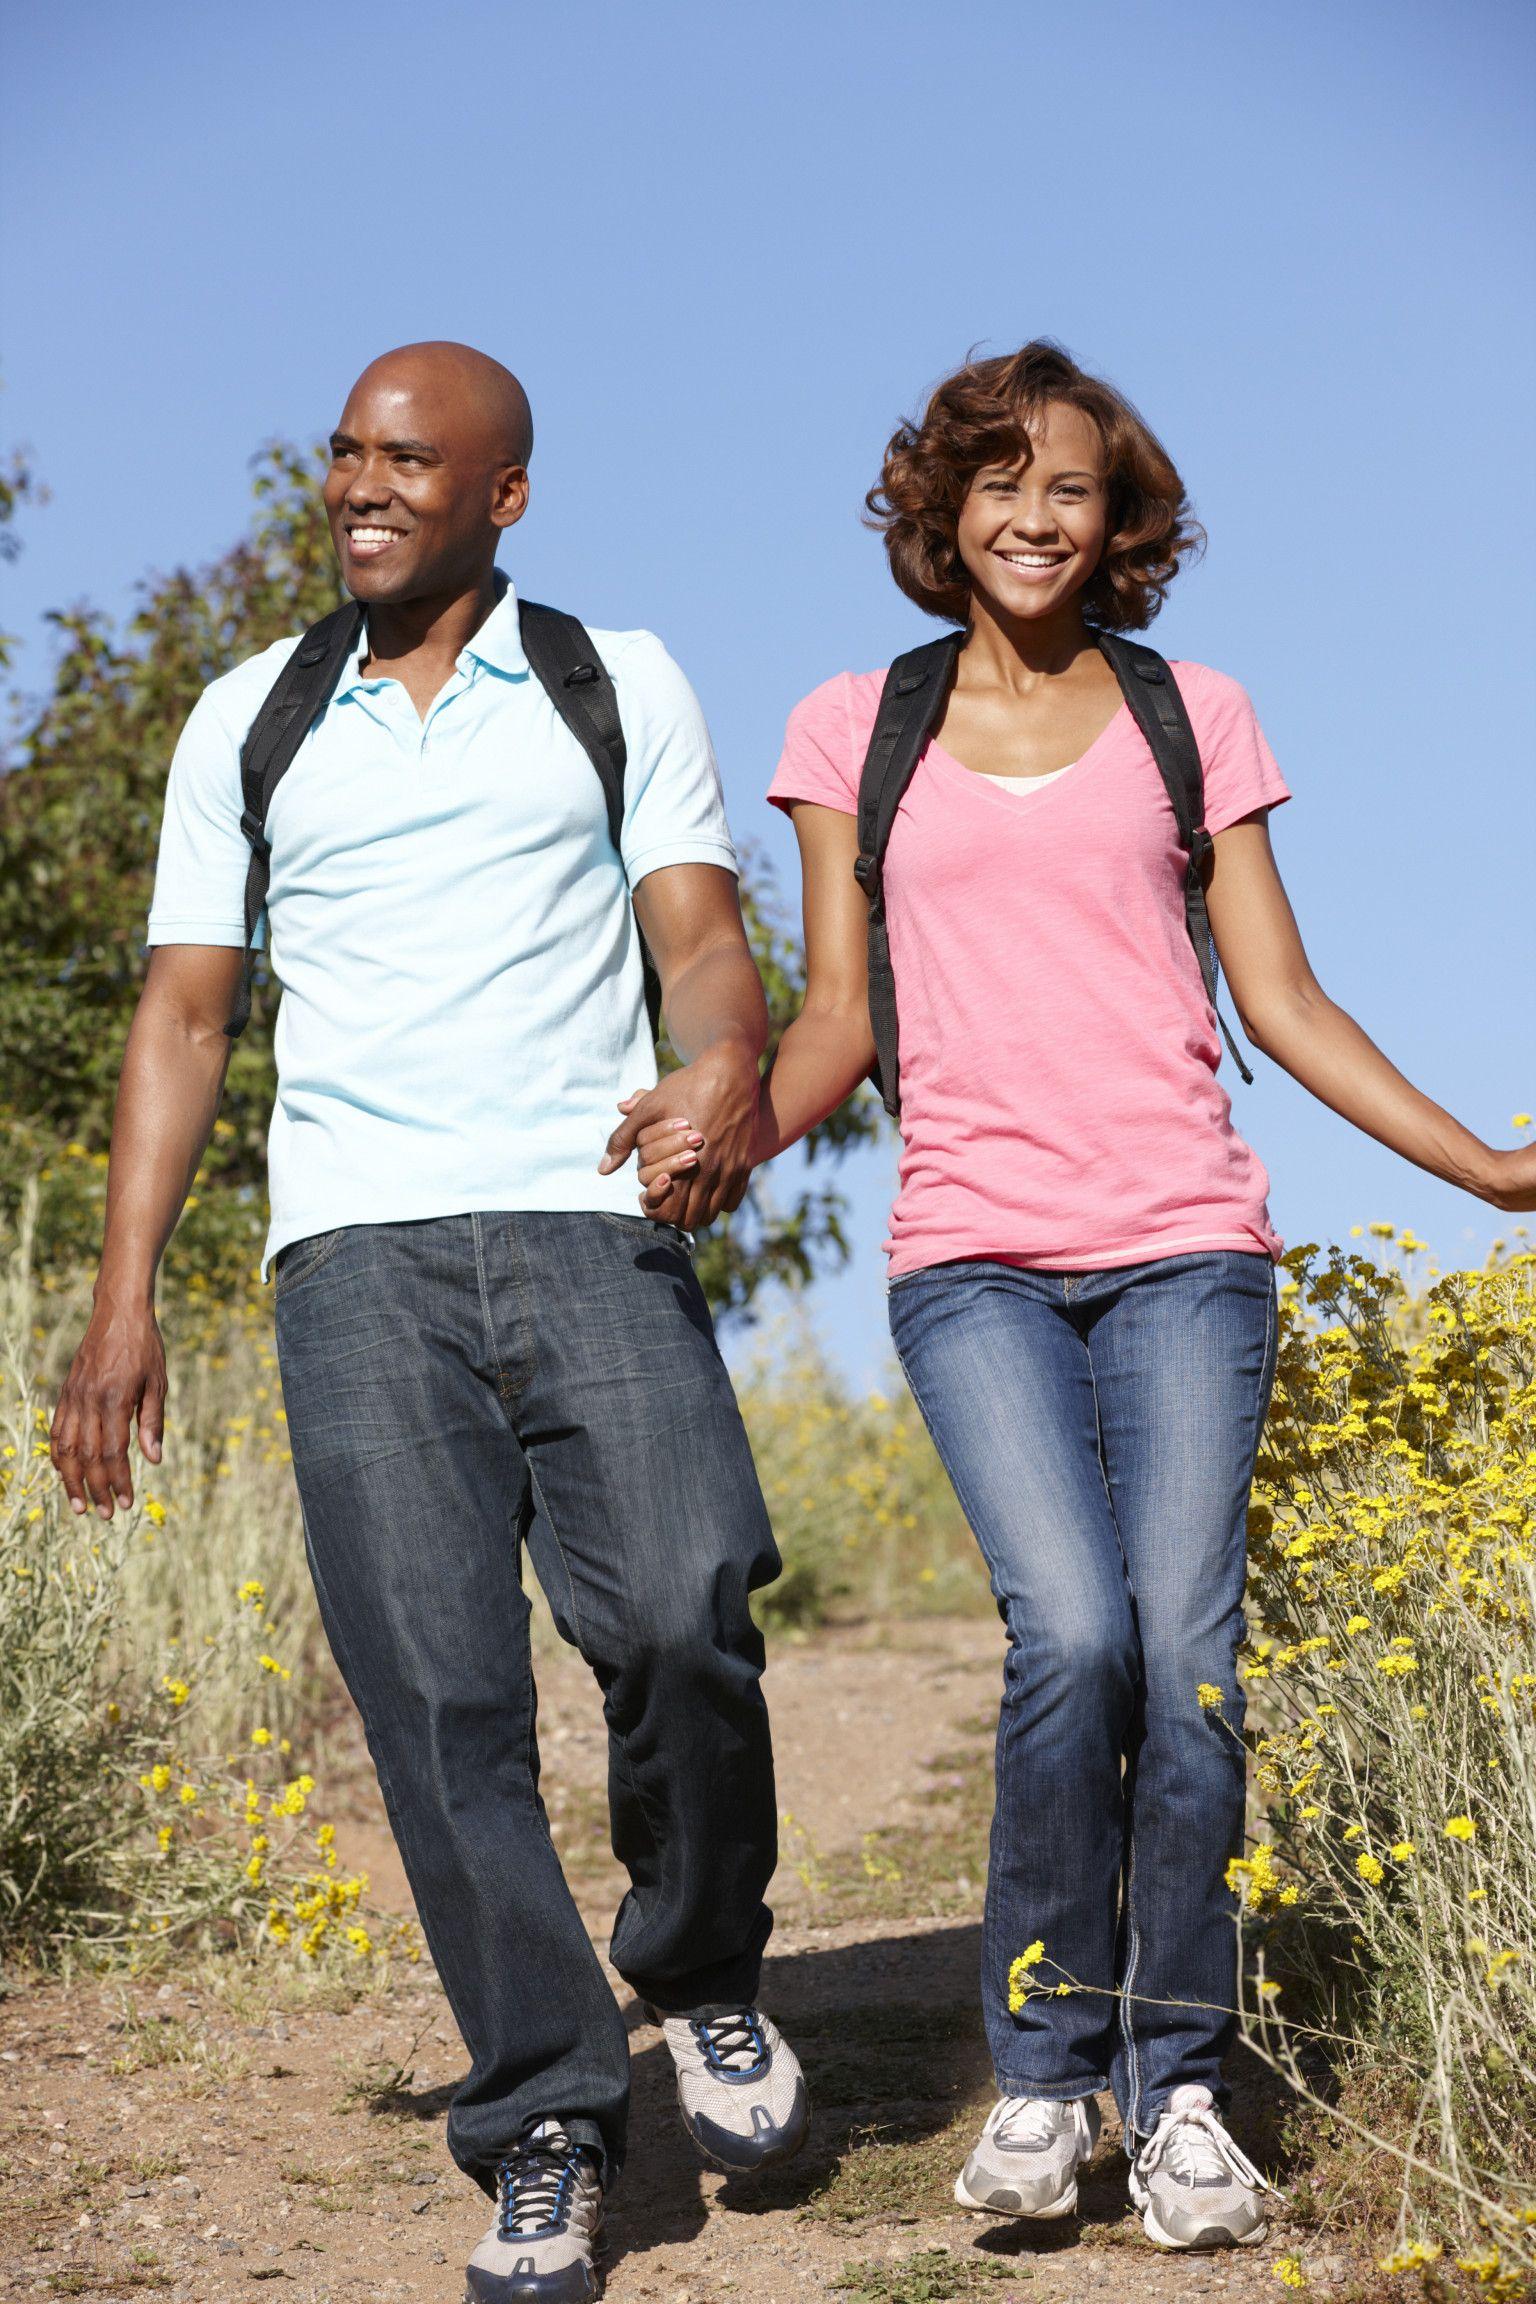 Couple walking in veld Outdoor activities